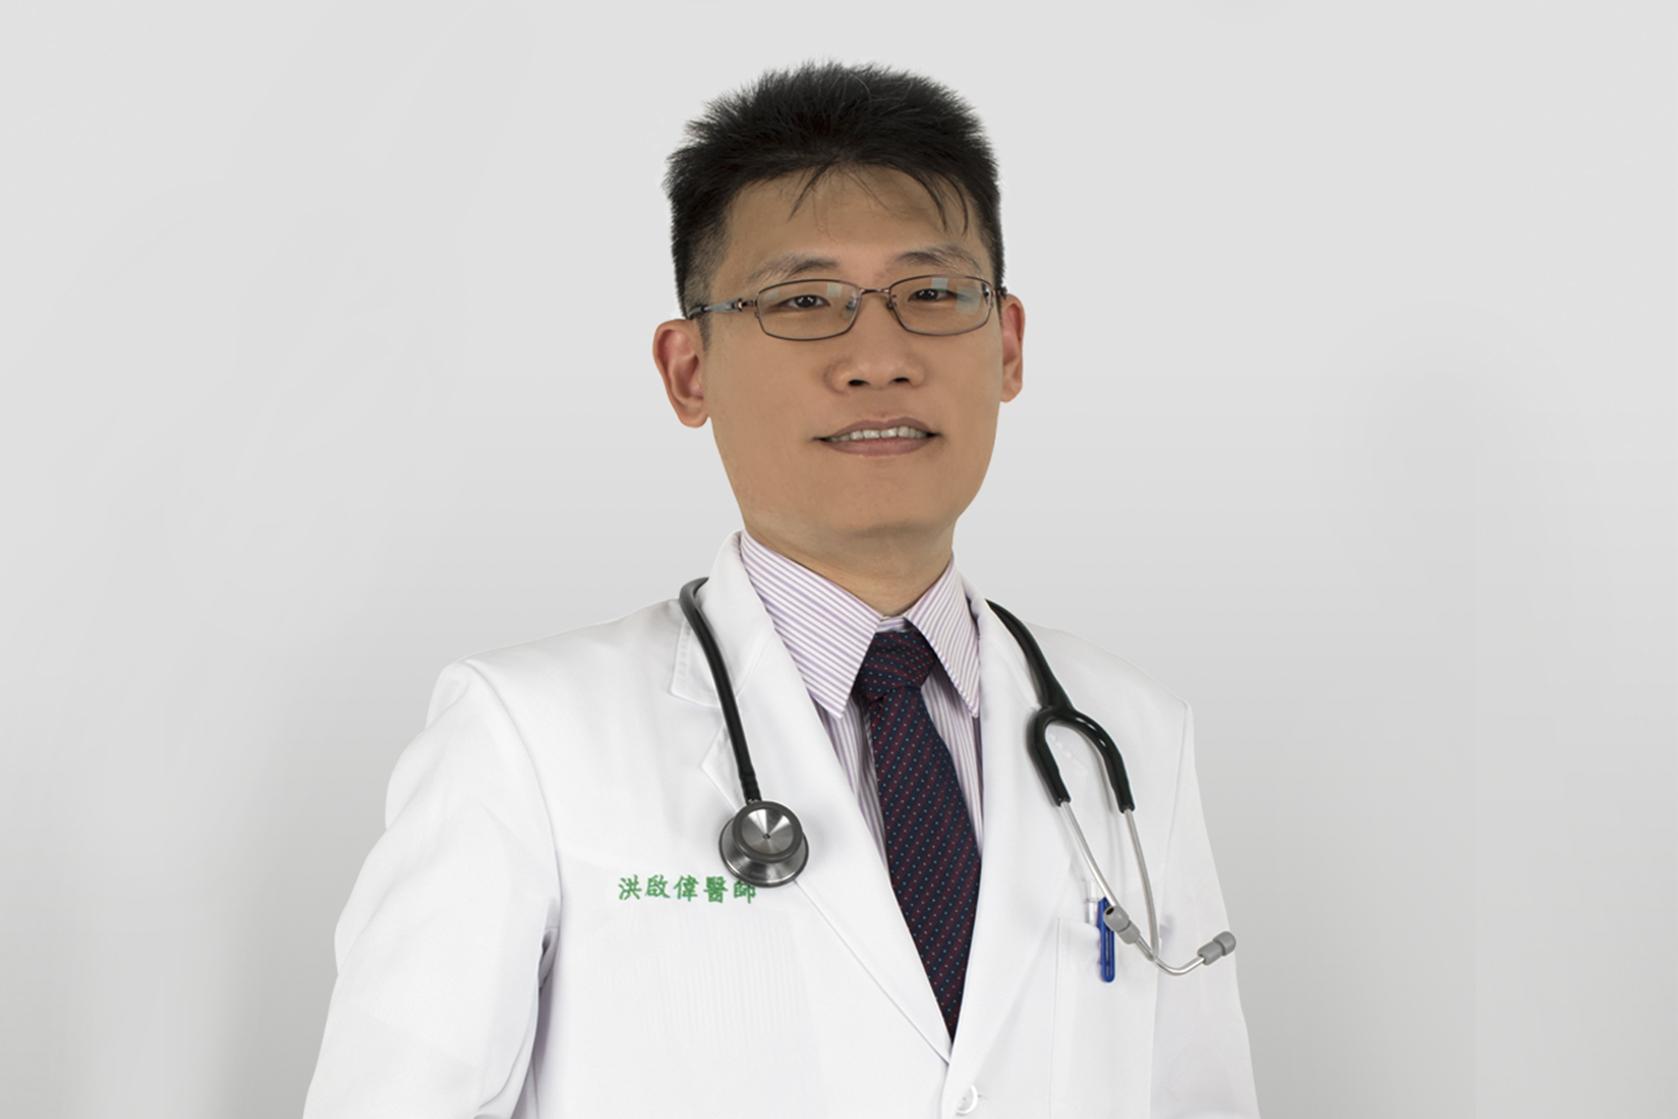 林黑潮&潮代診所家醫科醫師-洪啟偉